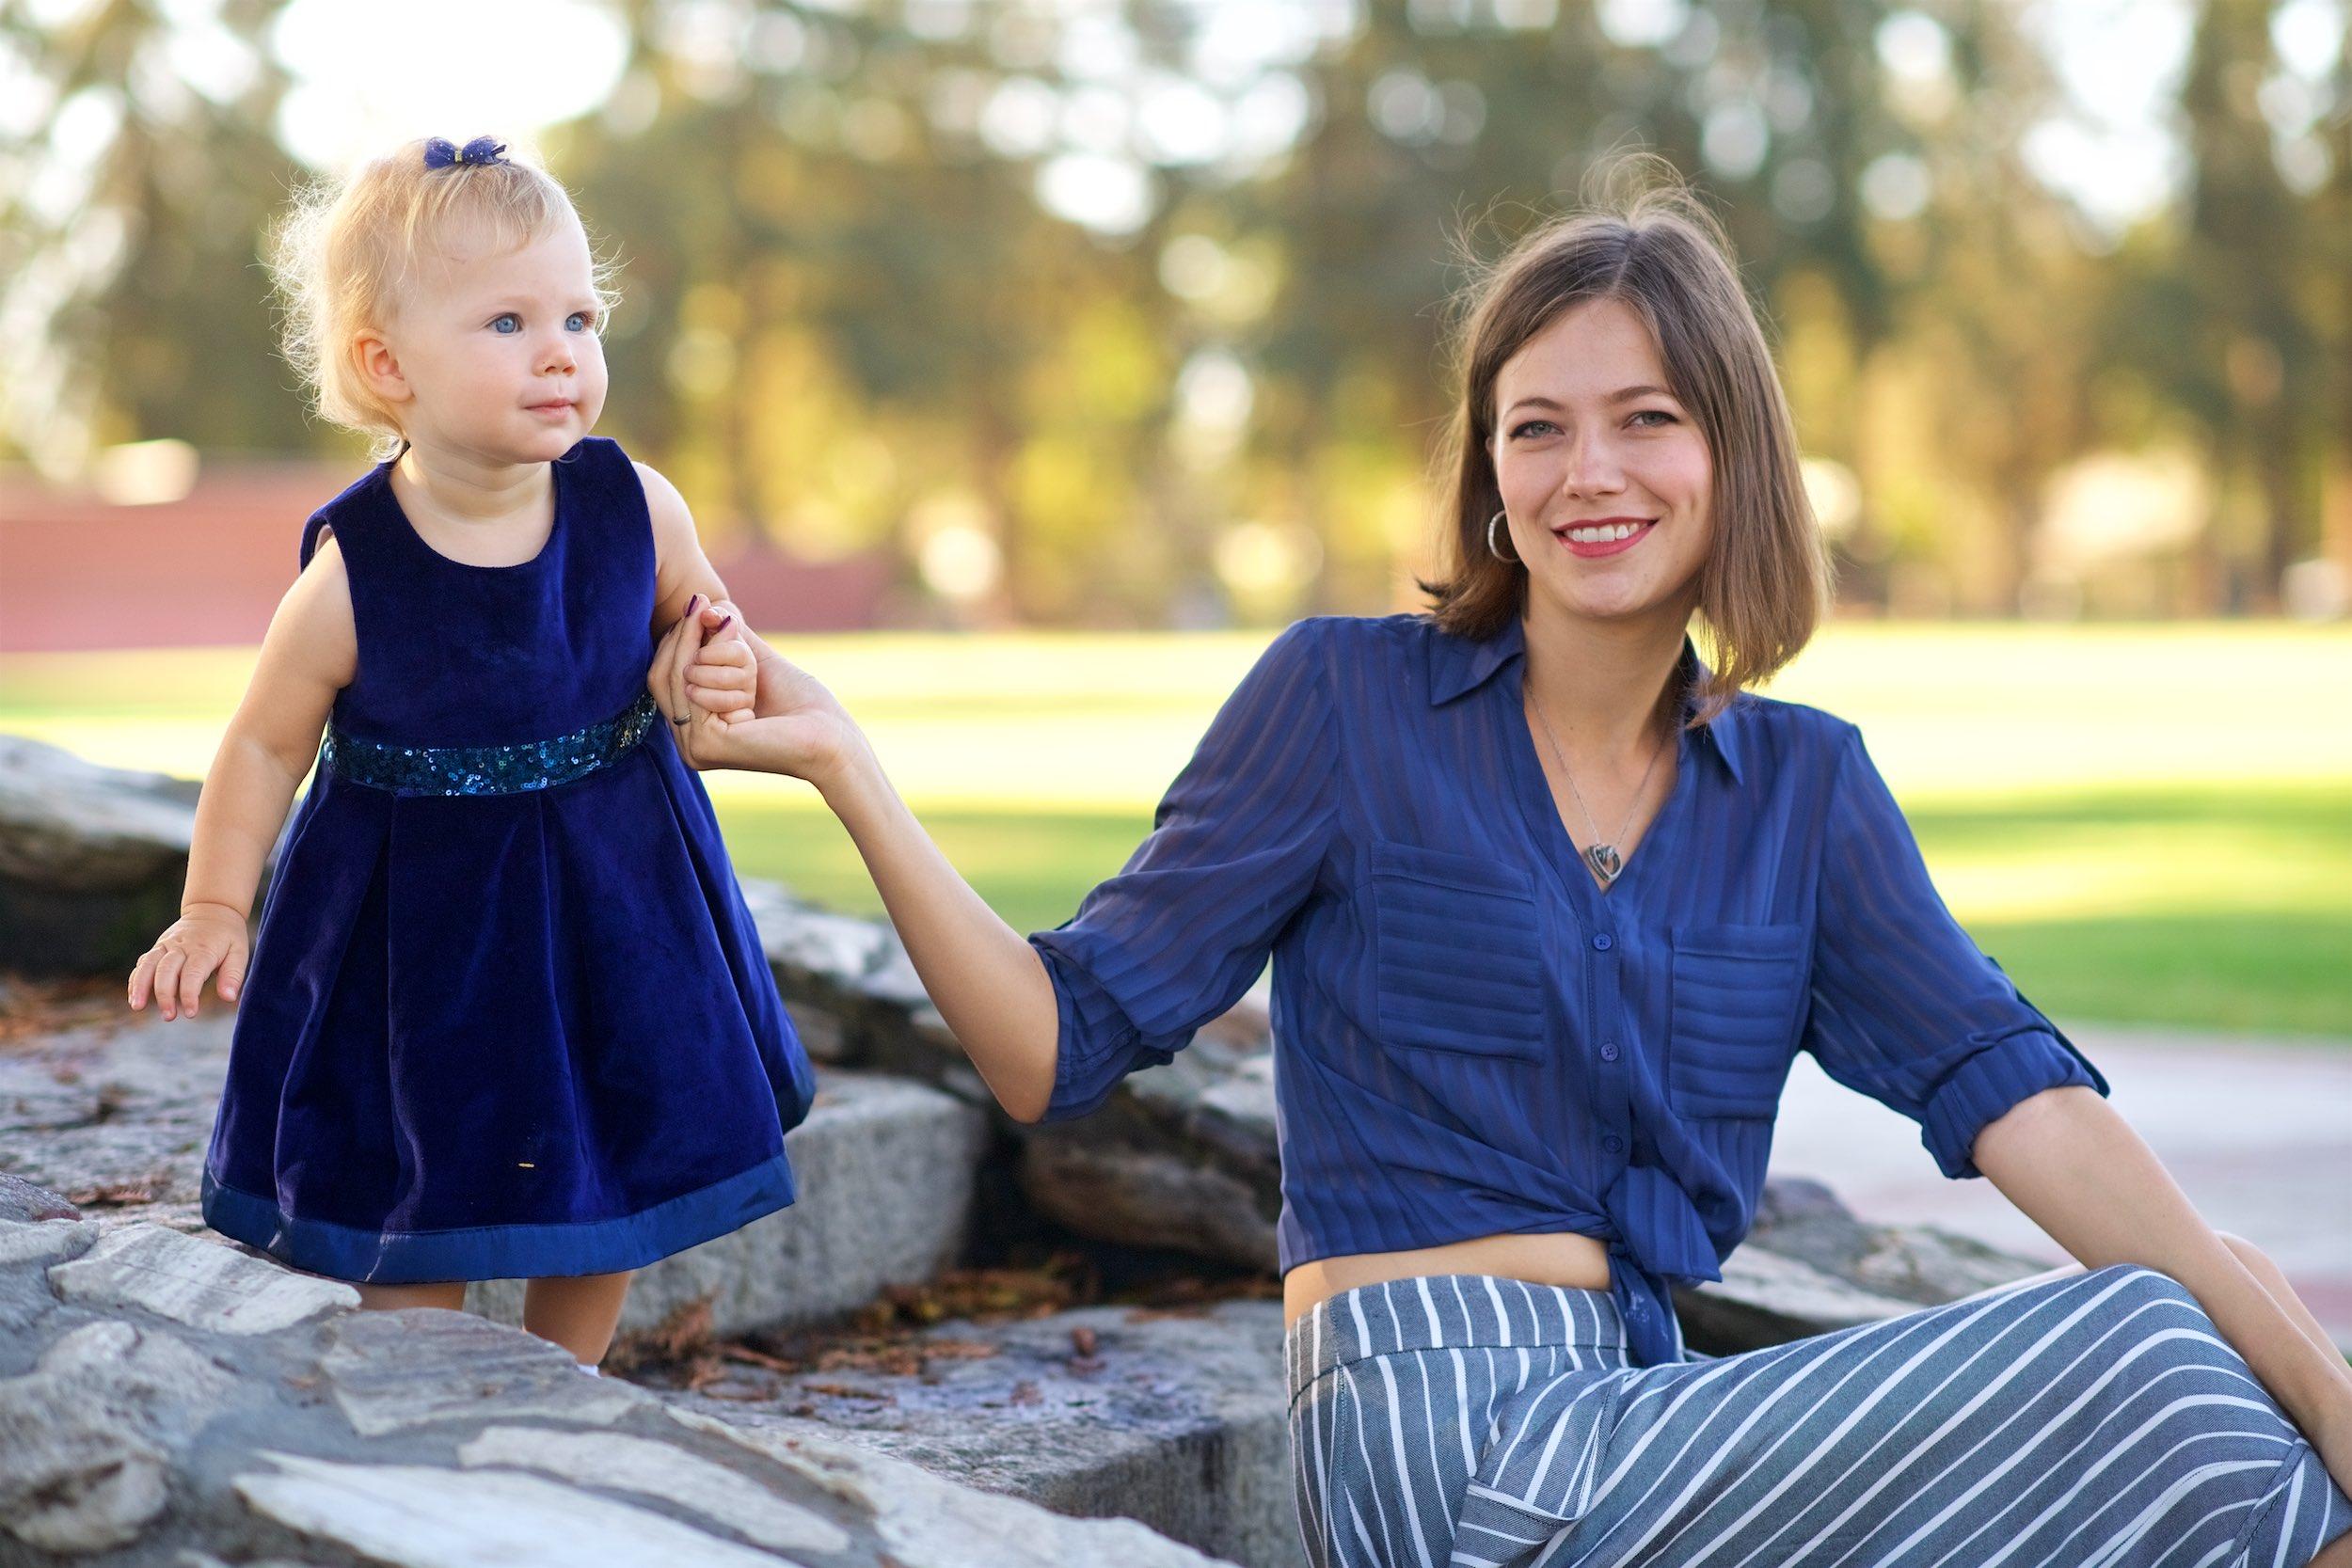 family-sample-rg-013.jpg